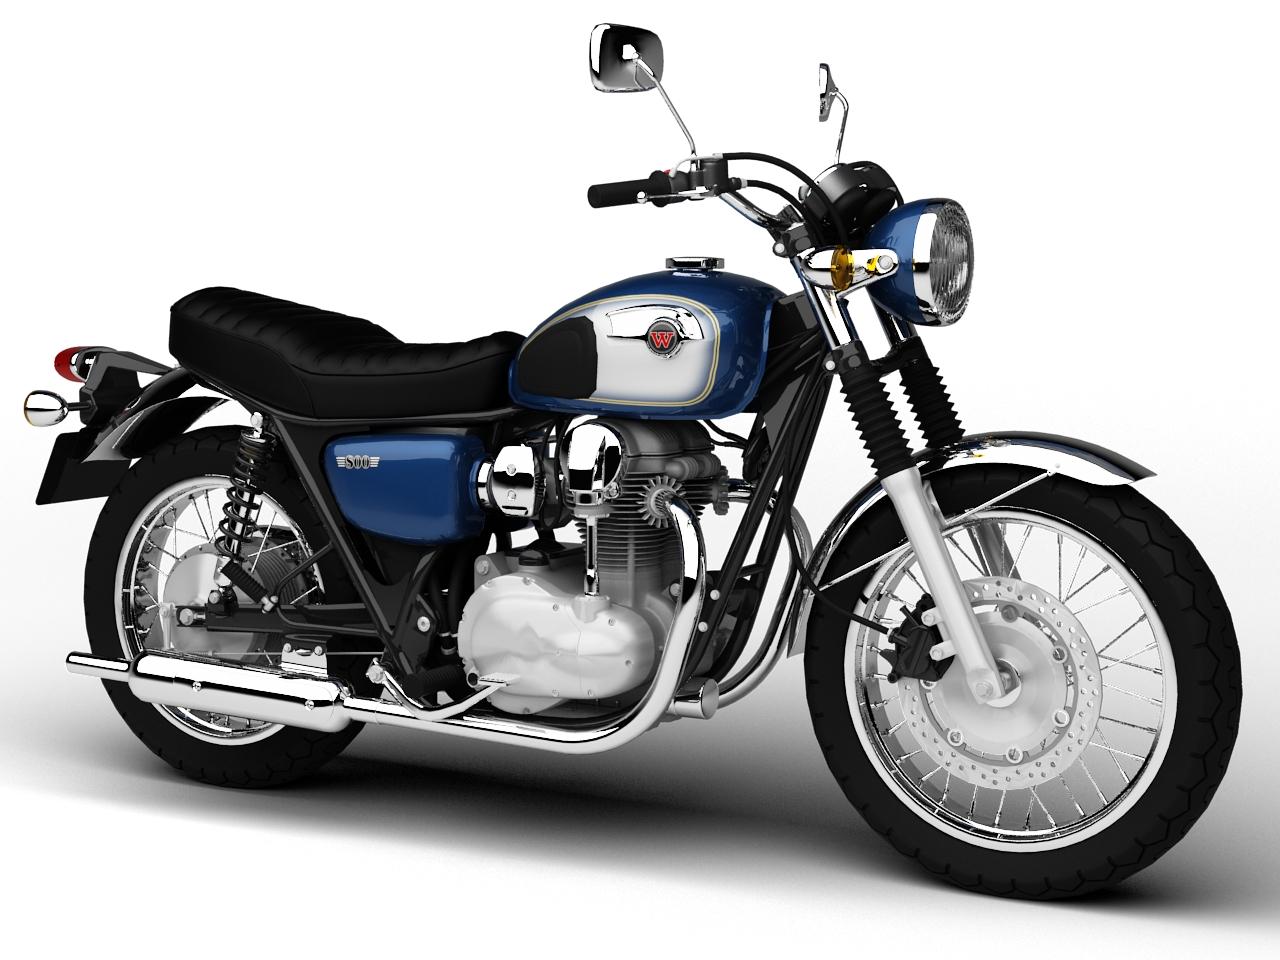 Kawasaki W800 2014 3d model 3ds max dxf fbx c4d obj 213634